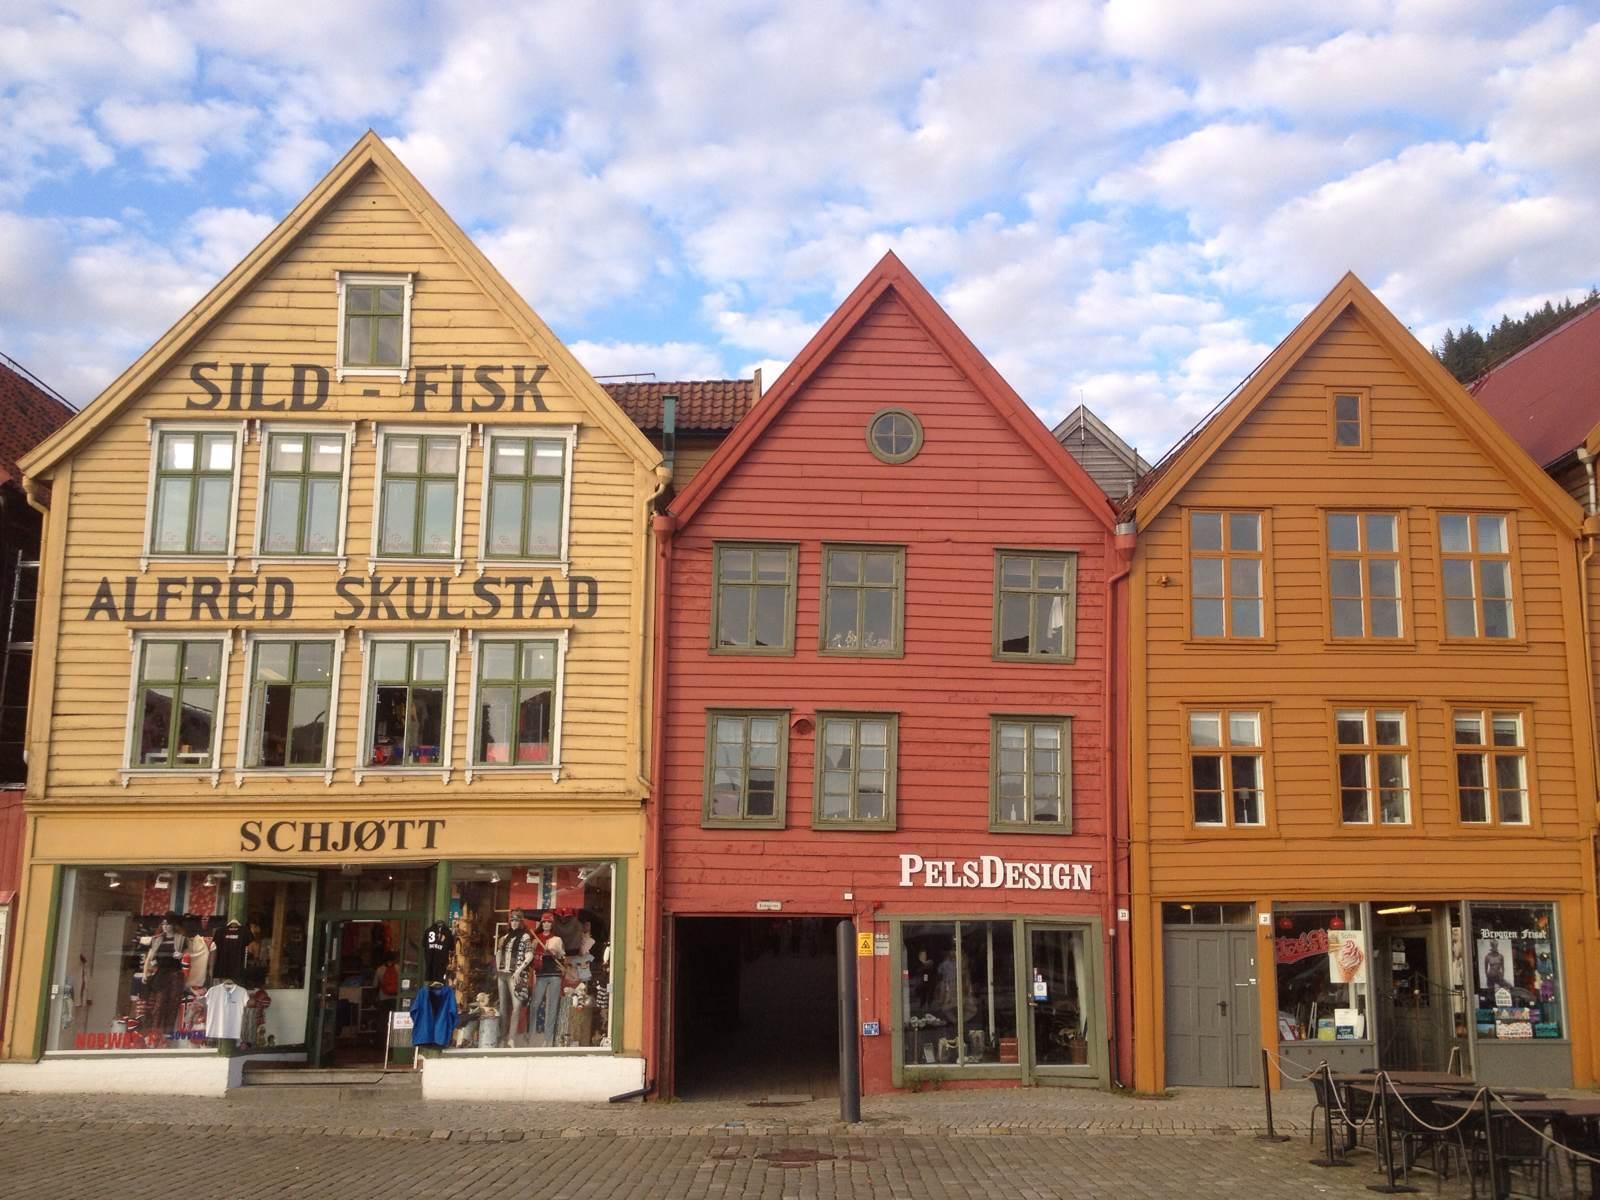 古老的彩色木屋建筑群